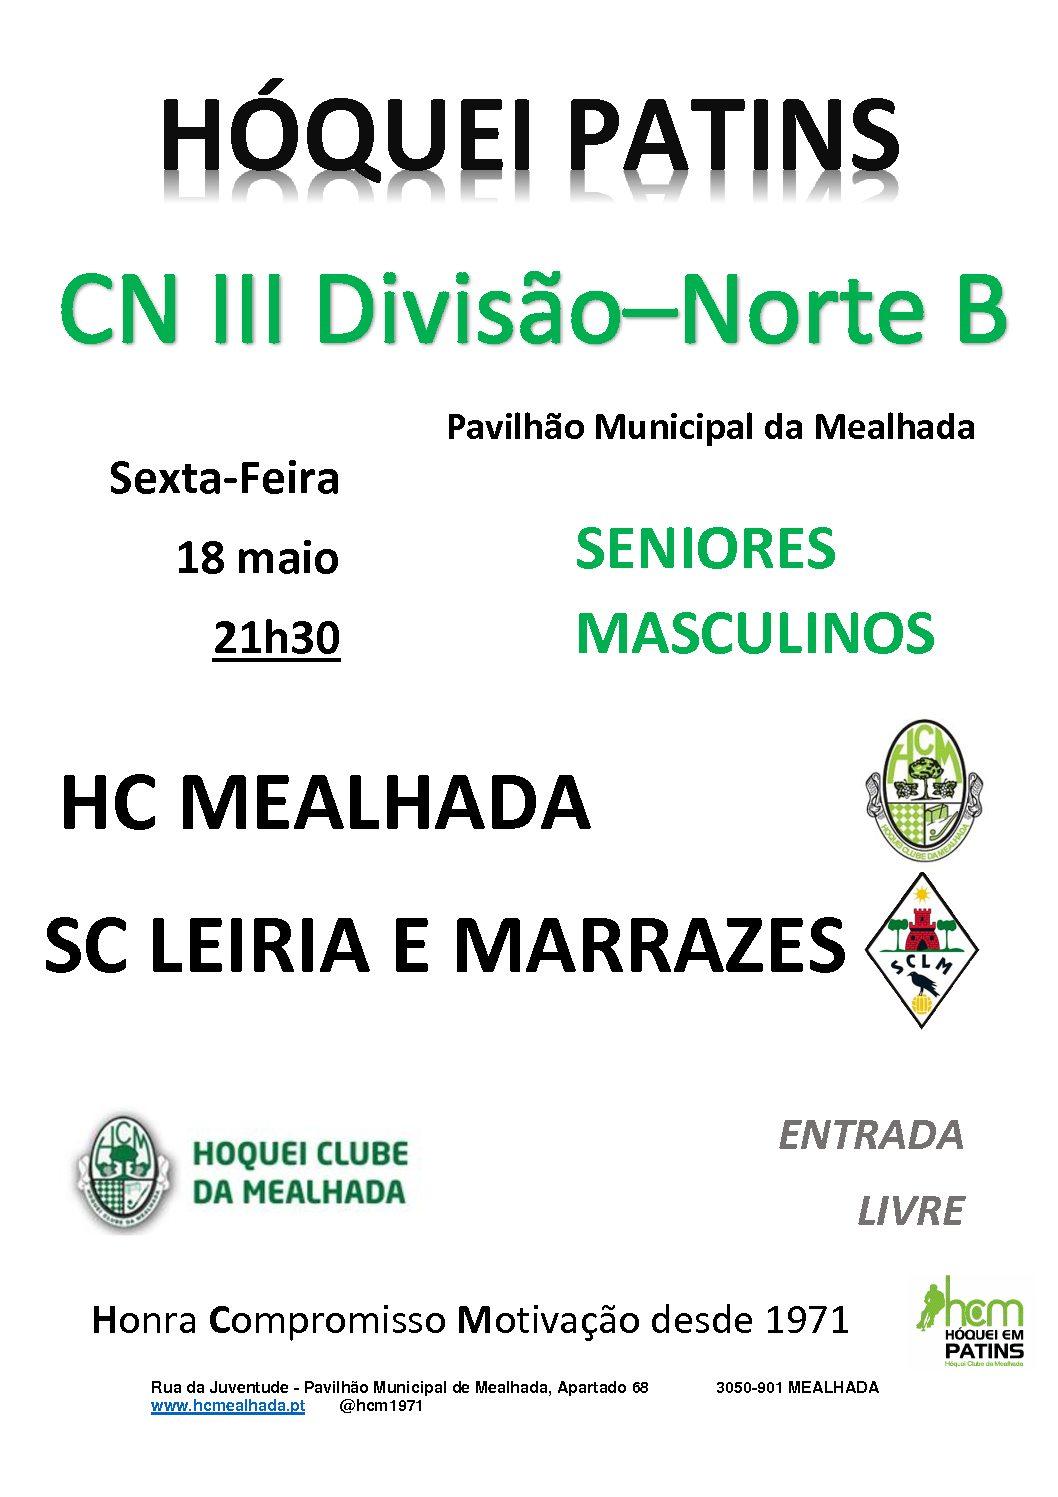 Séniores do HCM recebem hoje o SC Leiria e Marrazes